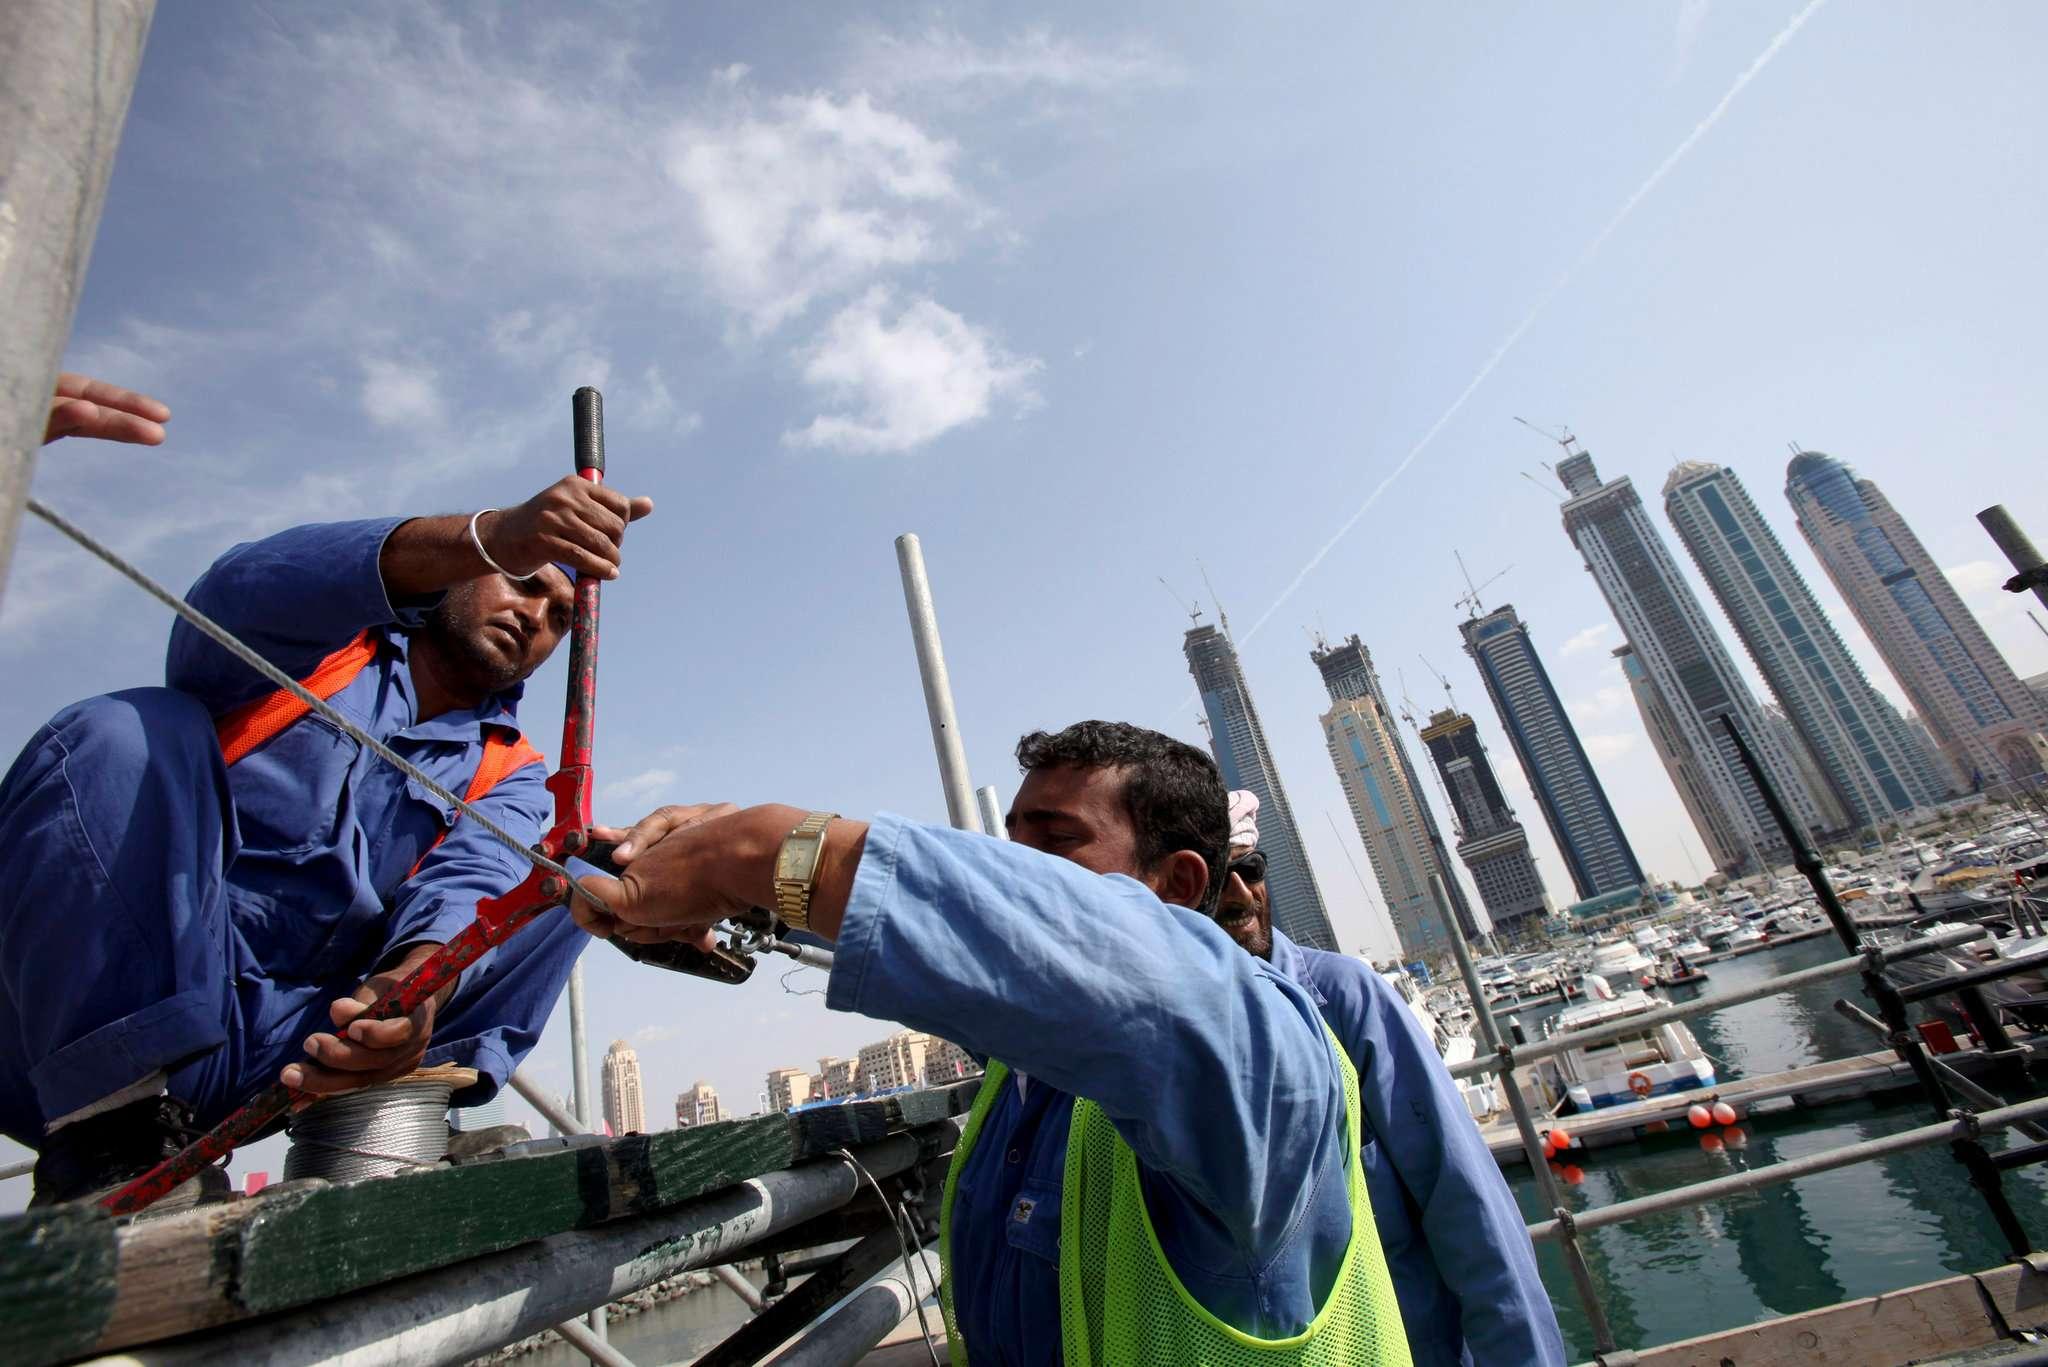 جائحة كورونا تكشف كلفة افتقار حكومات الشرق الأوسط وشمال أفريقيا لمعايير حقوق الإنسان للأعمال